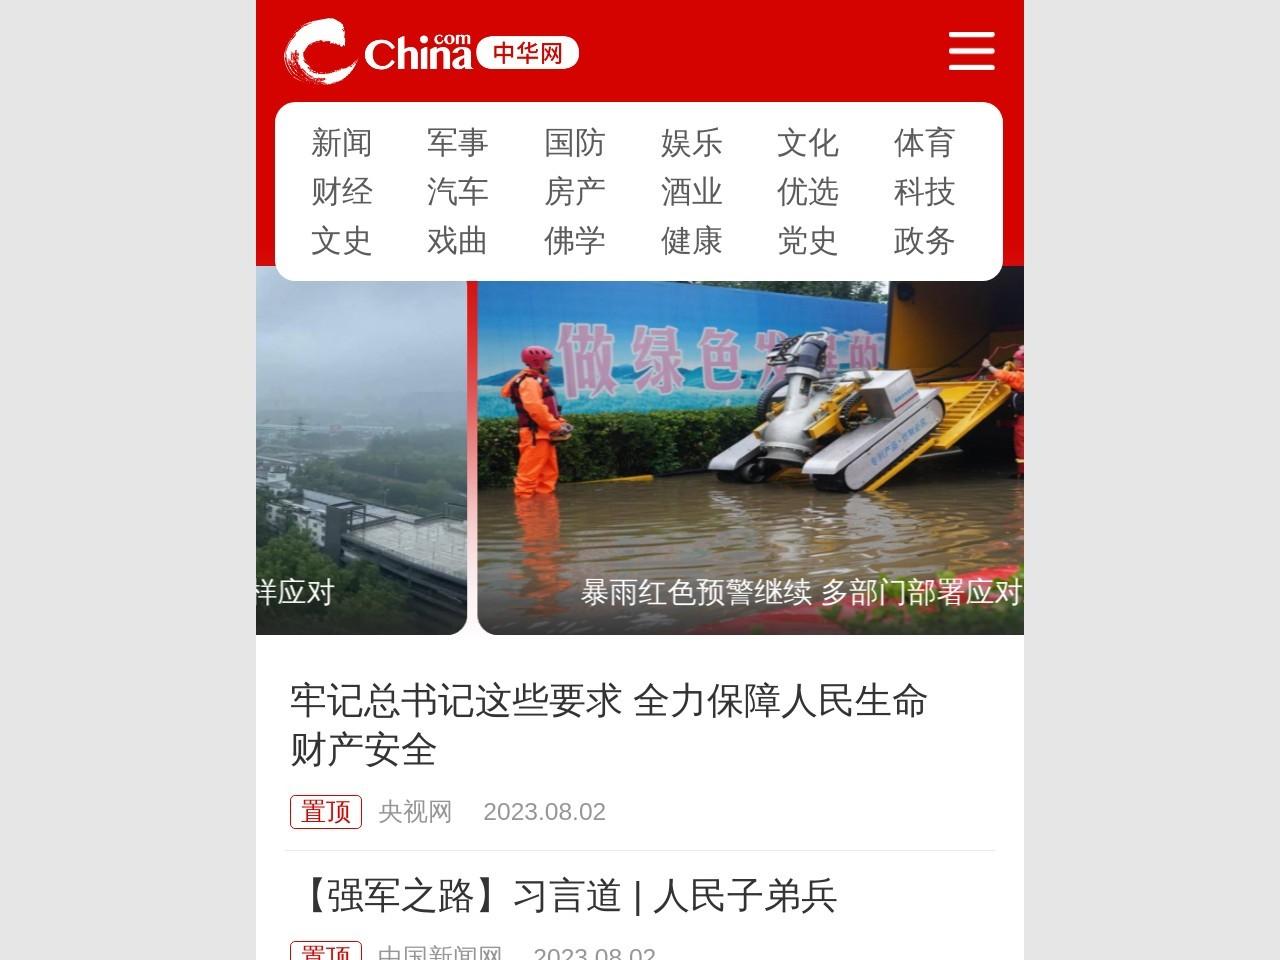 軍事-手機中華網-中國最大的軍事網站截圖